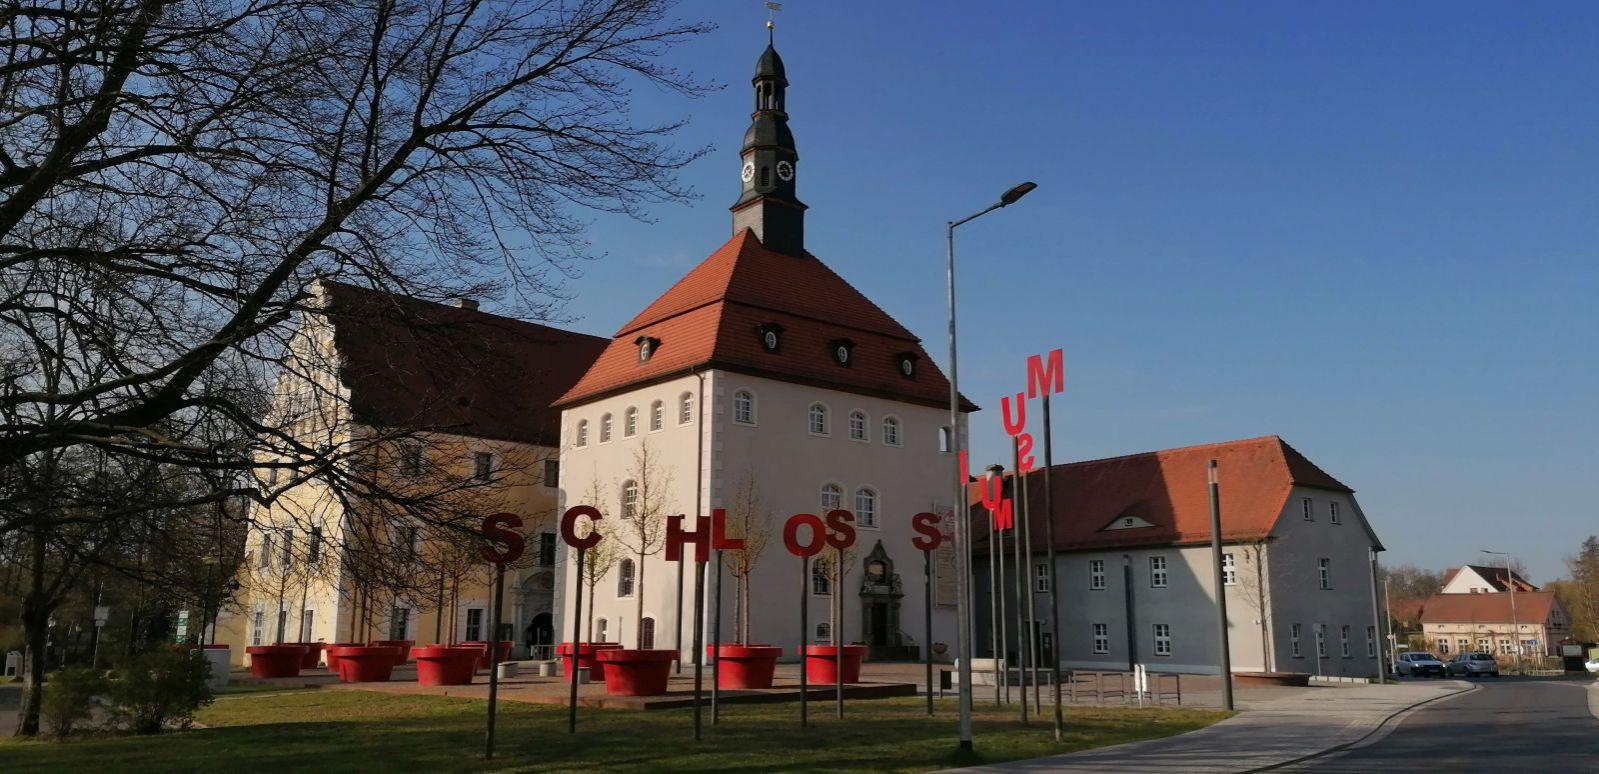 Das Lübbener Schloss beherbergt heute das Stadt- und Regionalmuseum. Foto: Dörthe Ziemer